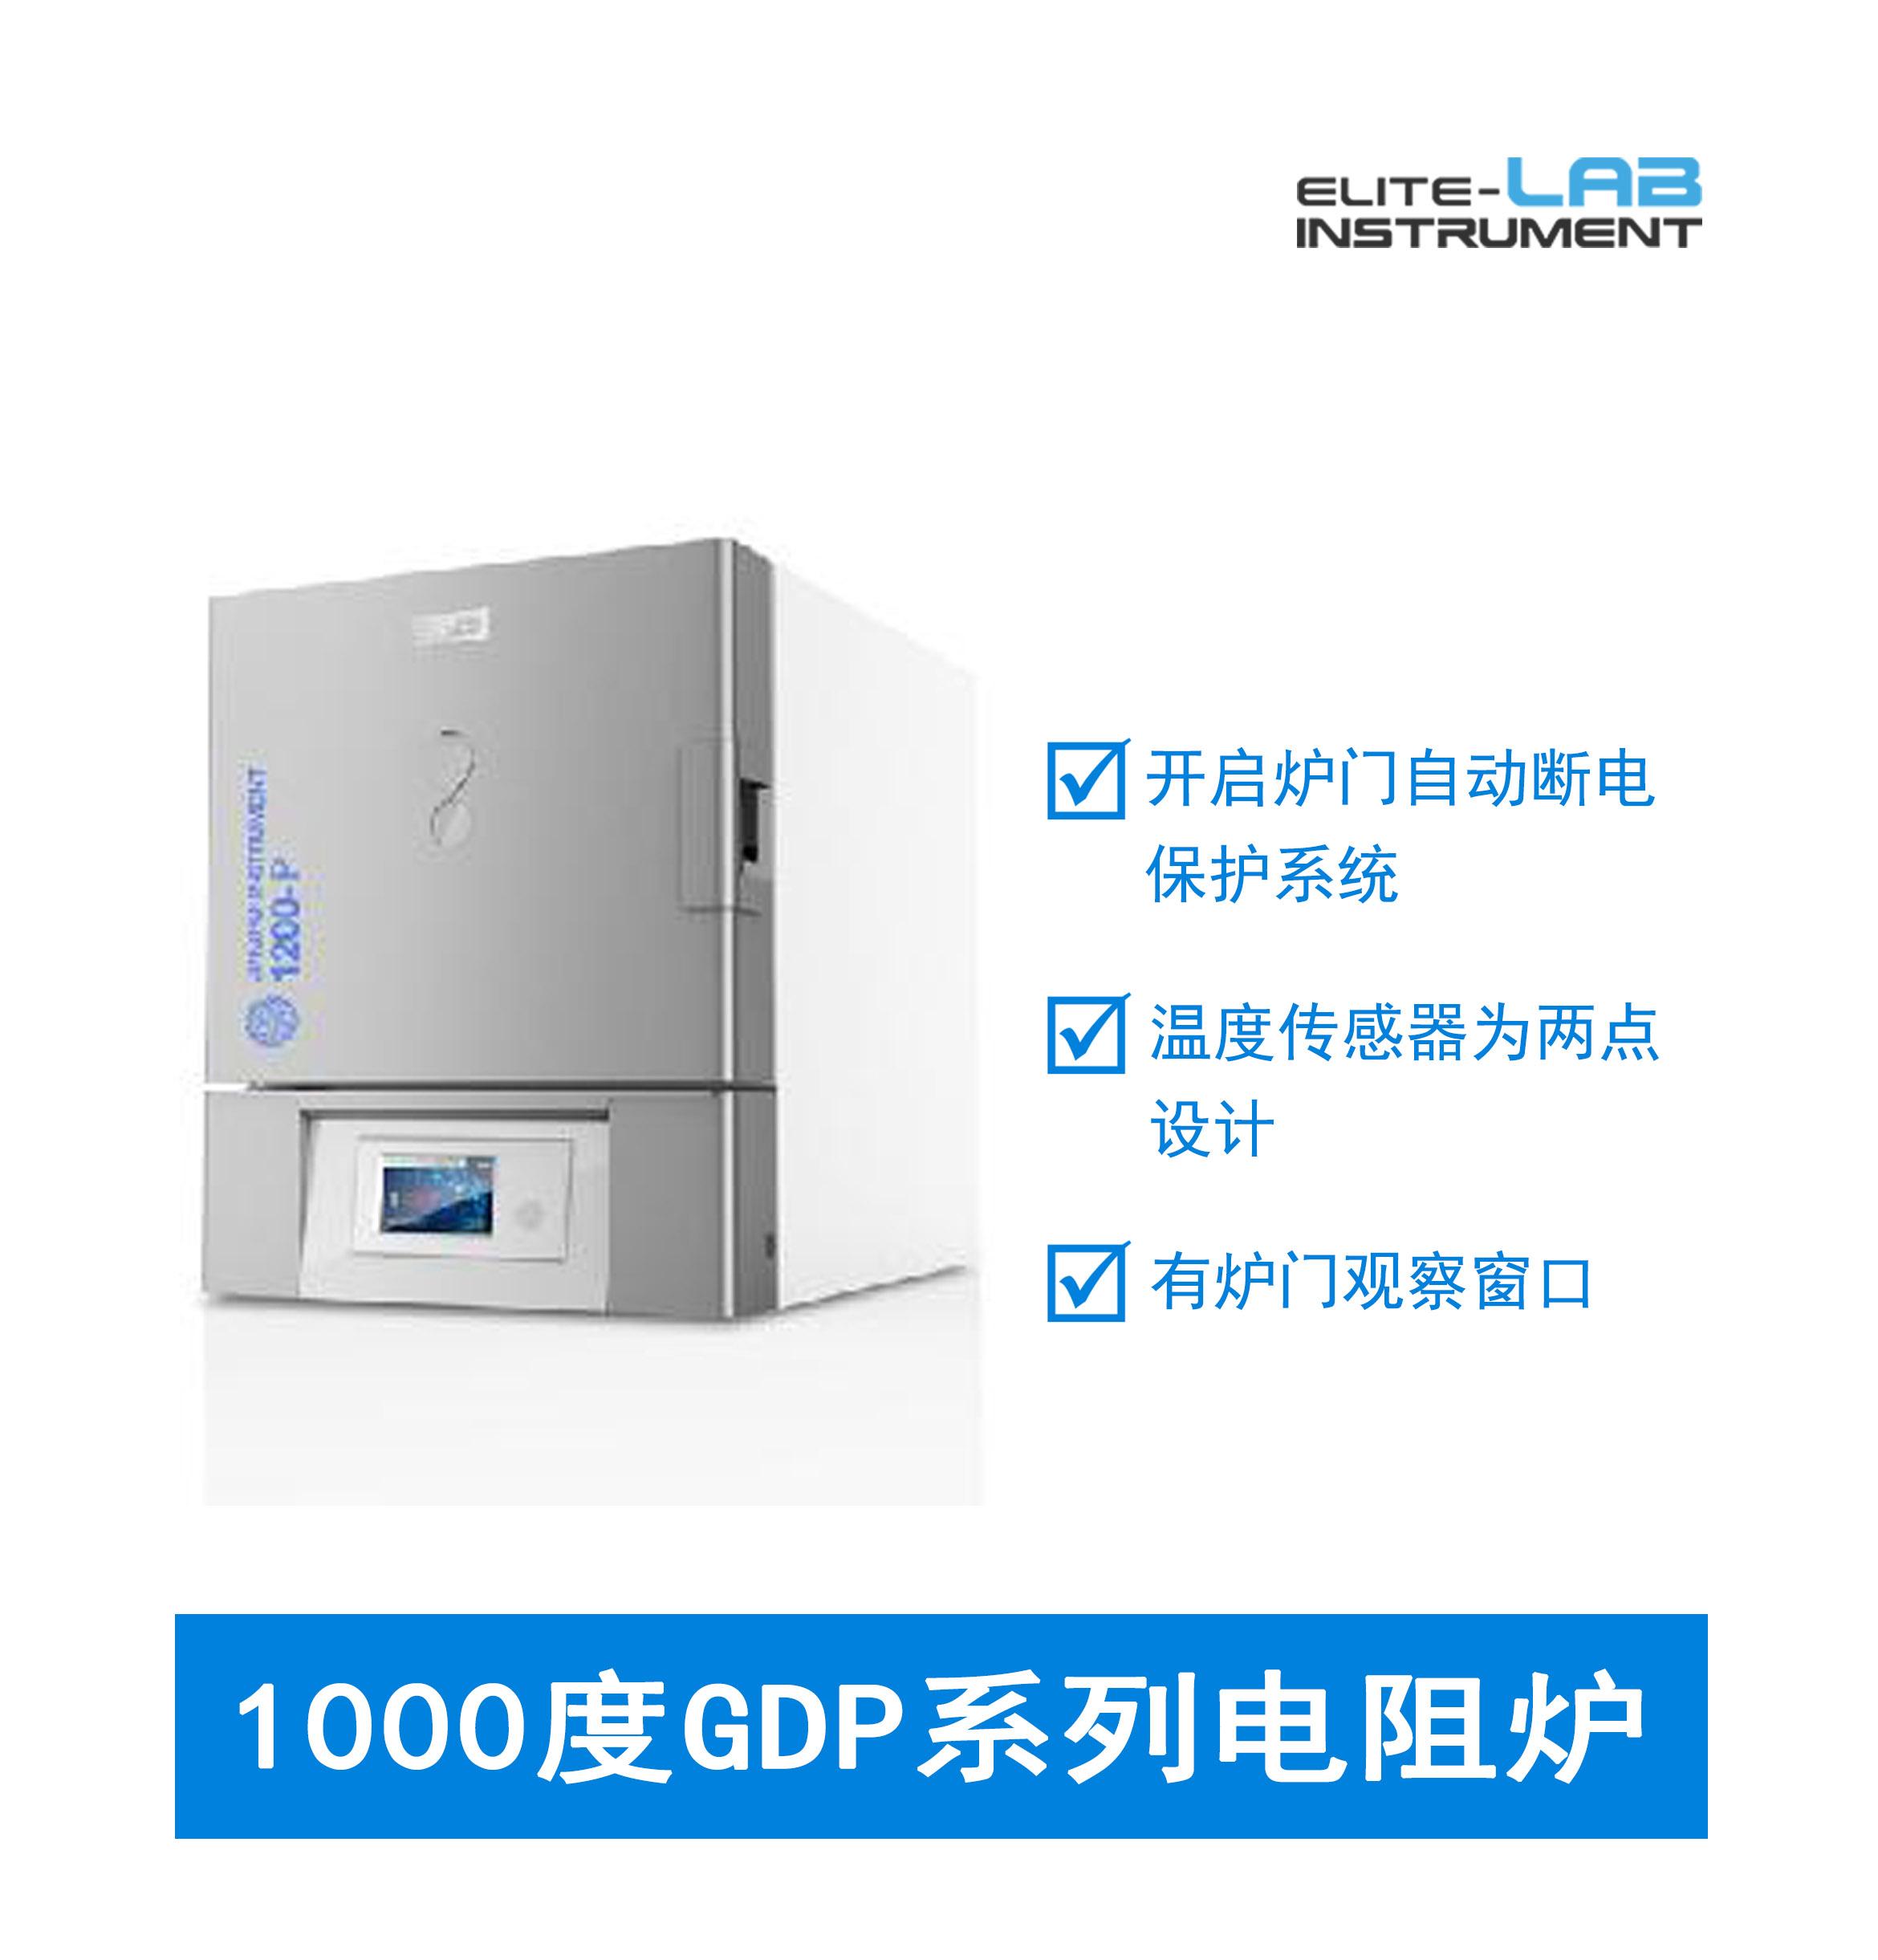 莱博泰科 箱式电阻炉1000度GDP系列